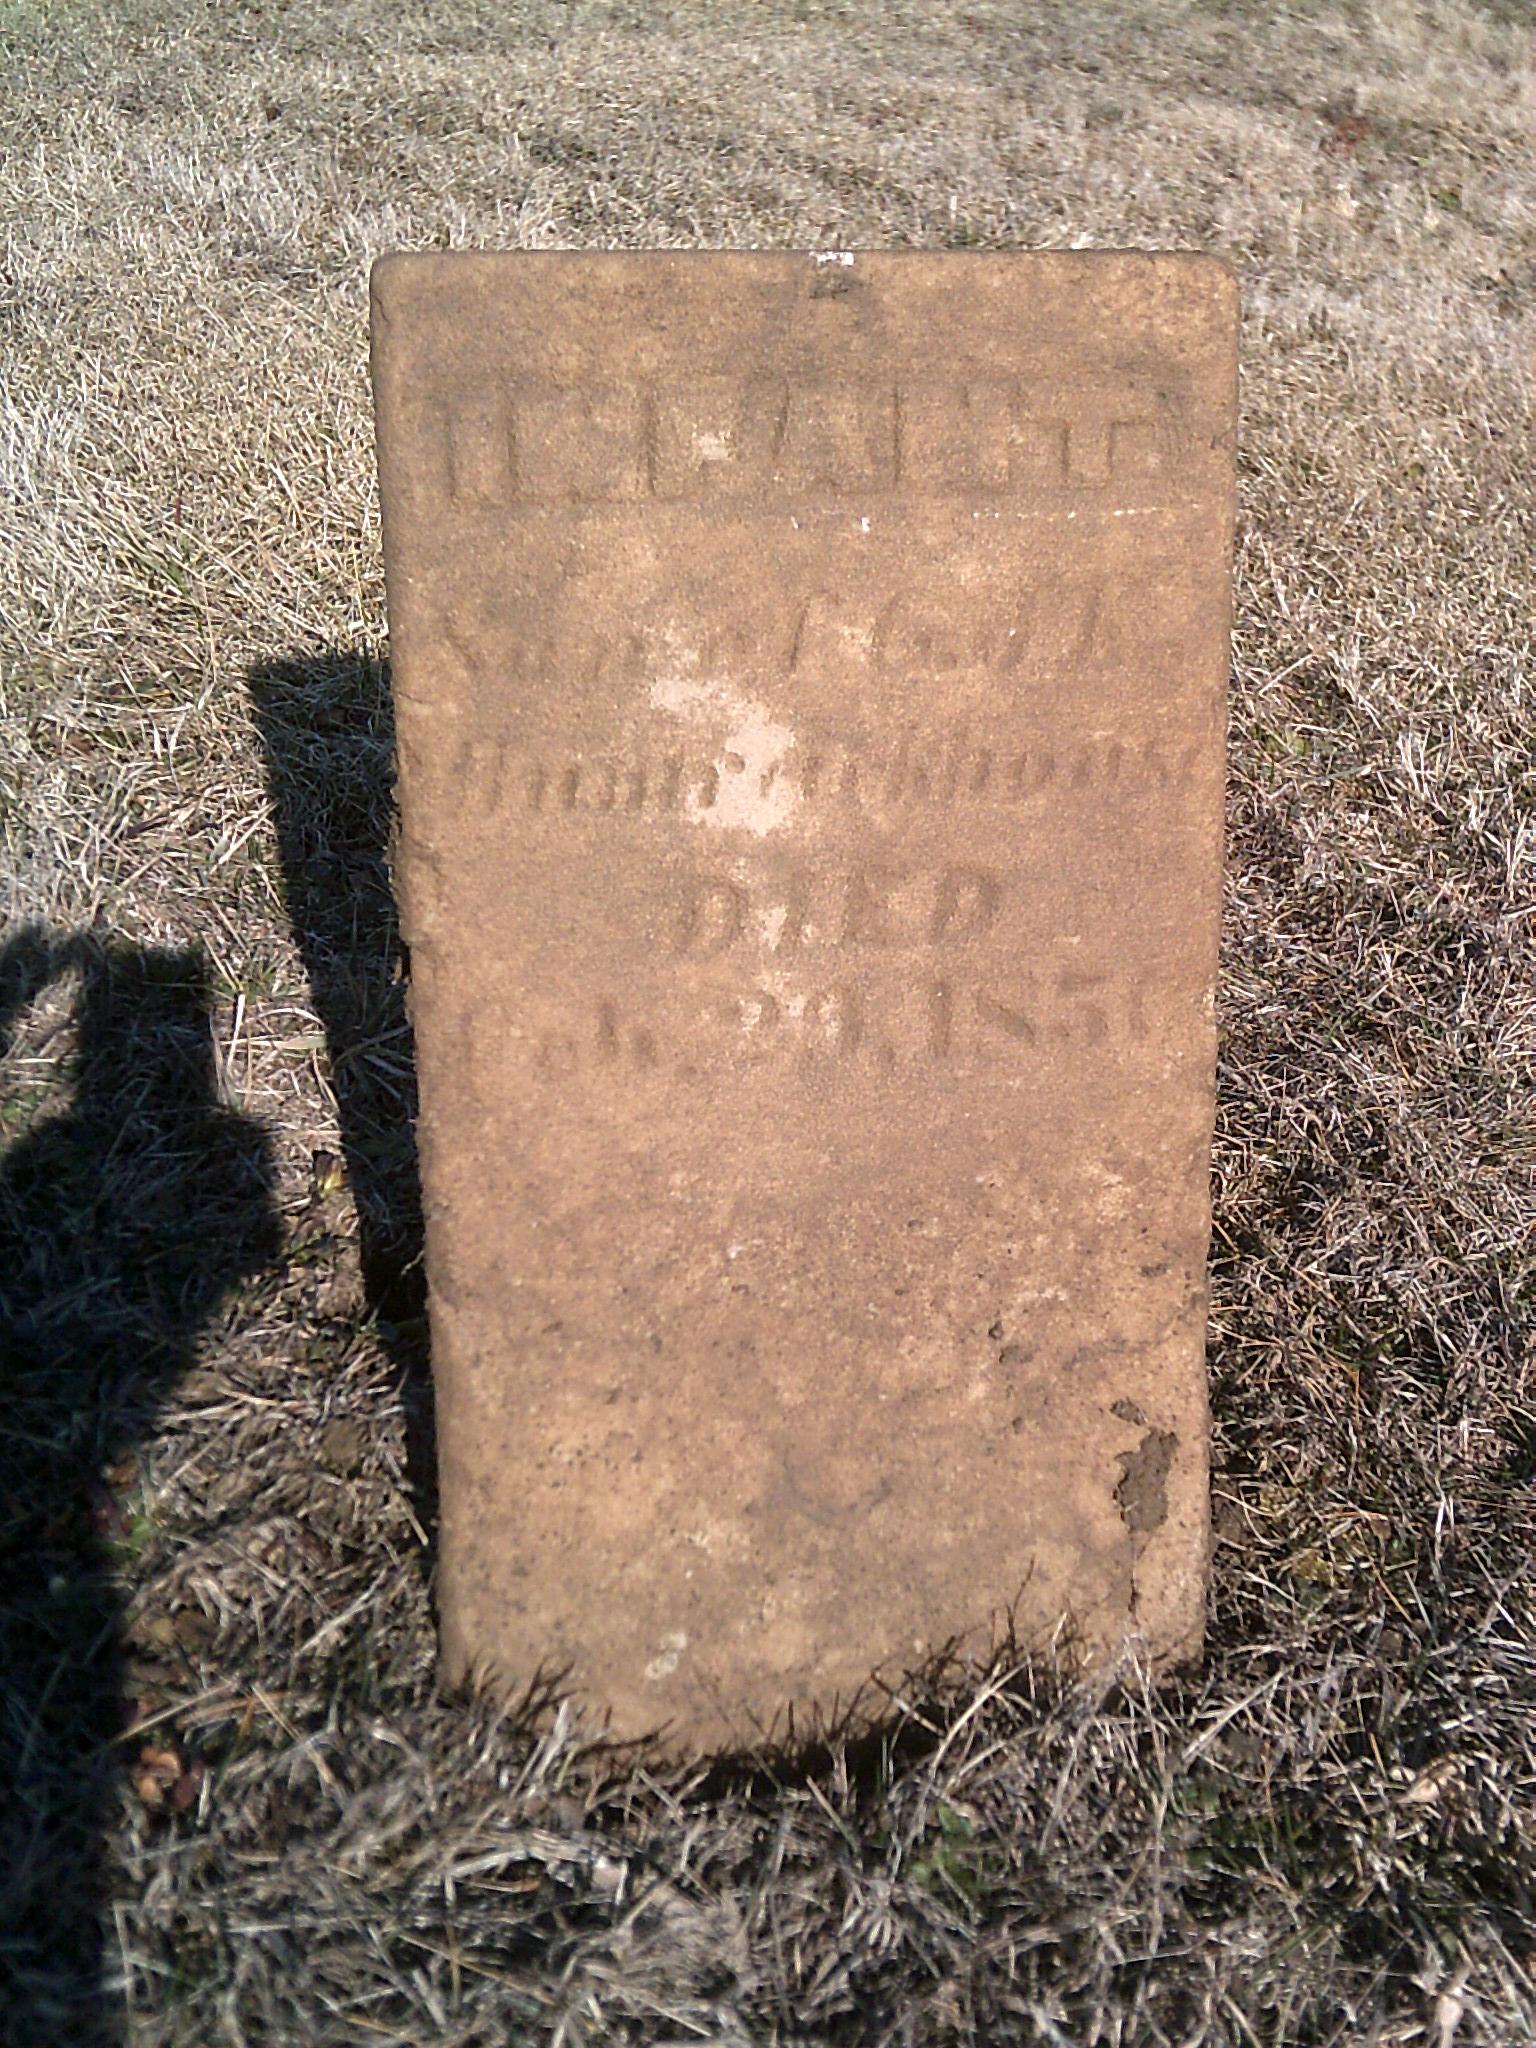 Inf. Humerickhouse